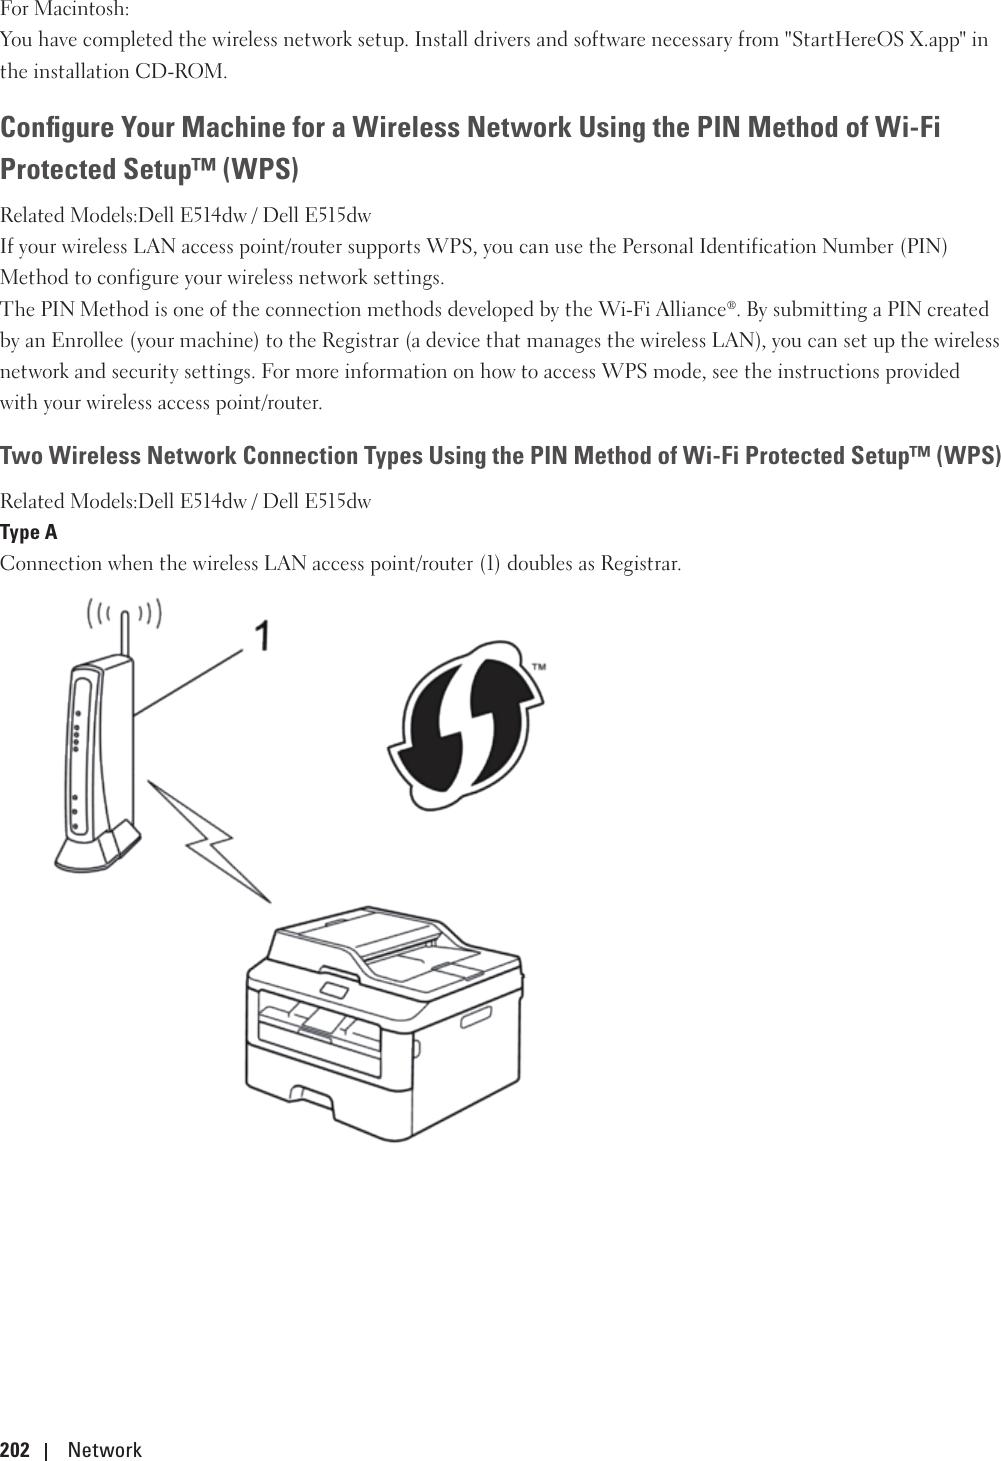 Dell e514dw printer Multifunction User's Guide User Manual En us